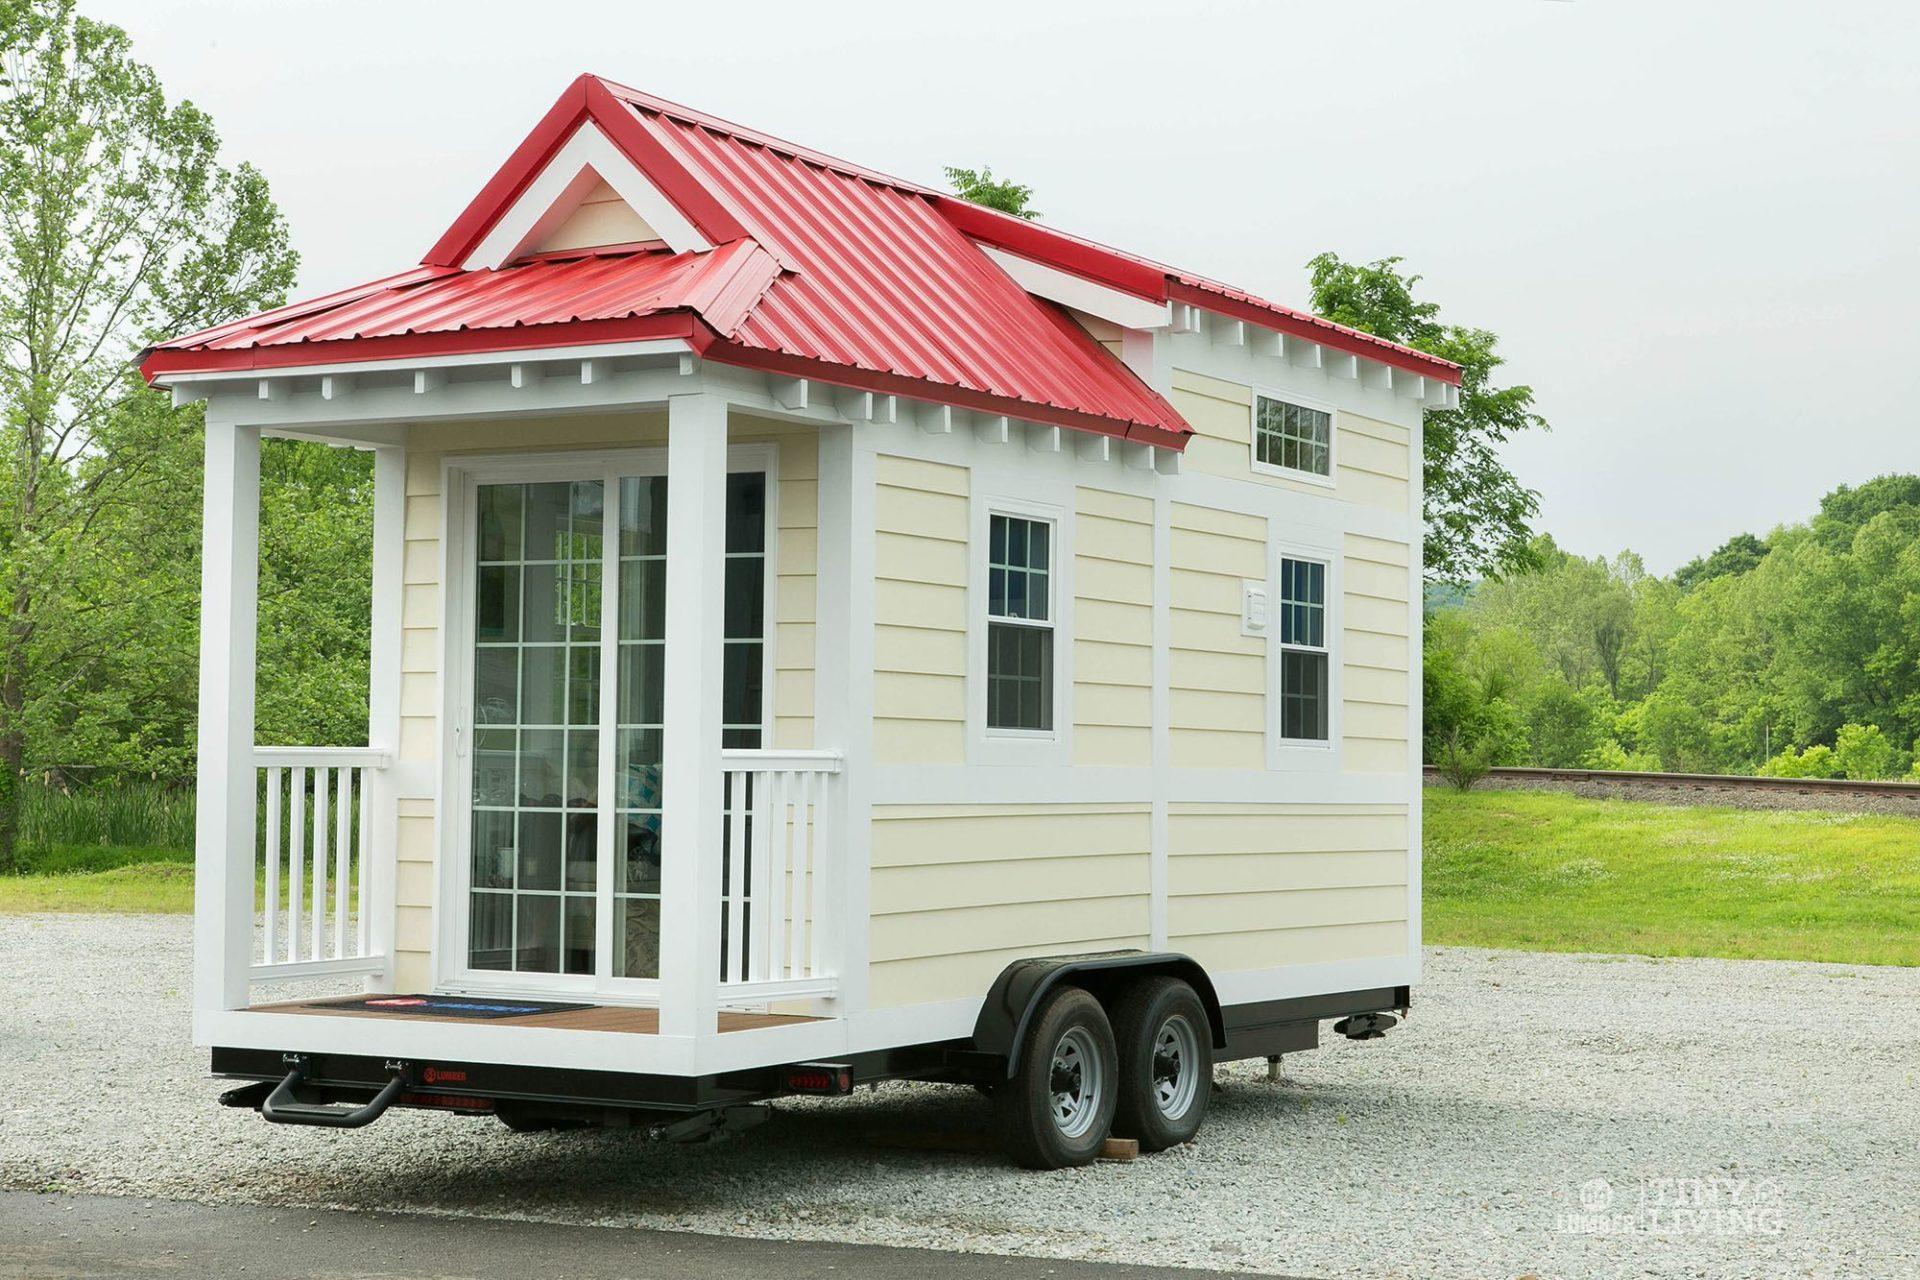 Tiny Home Designs: 84 Tiny Houses